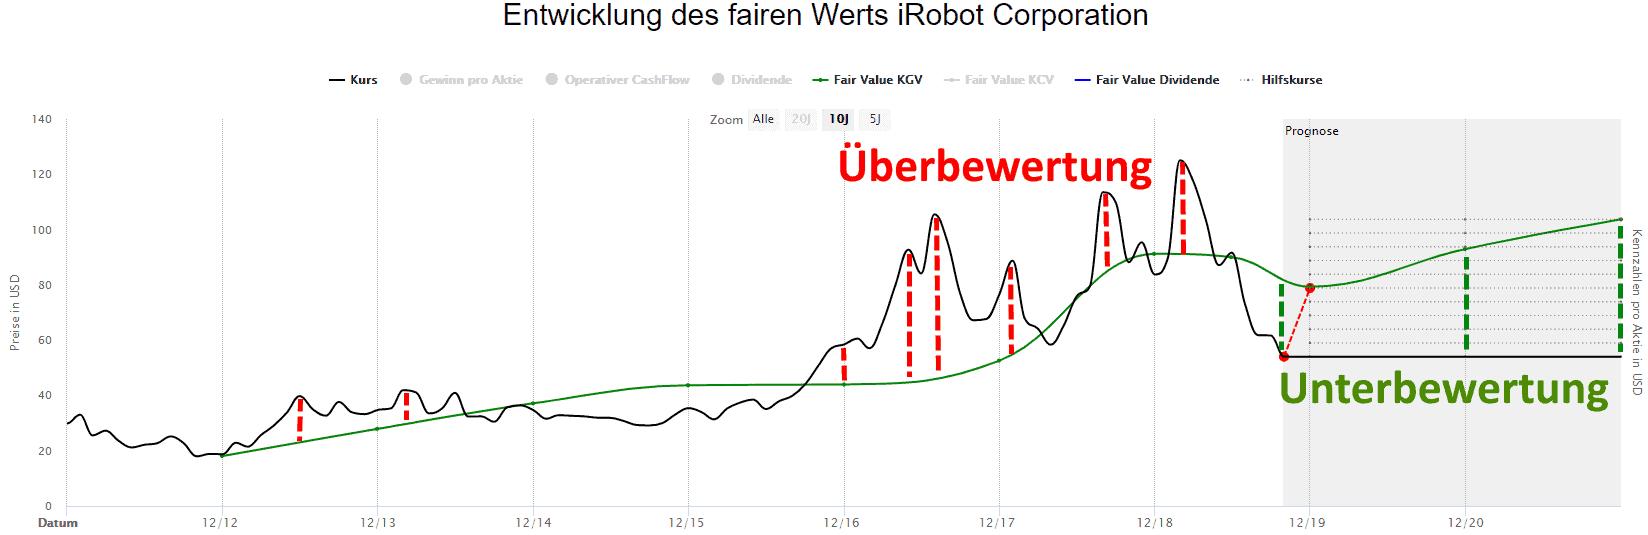 iRobots in der Dynamischen Aktienbewertung